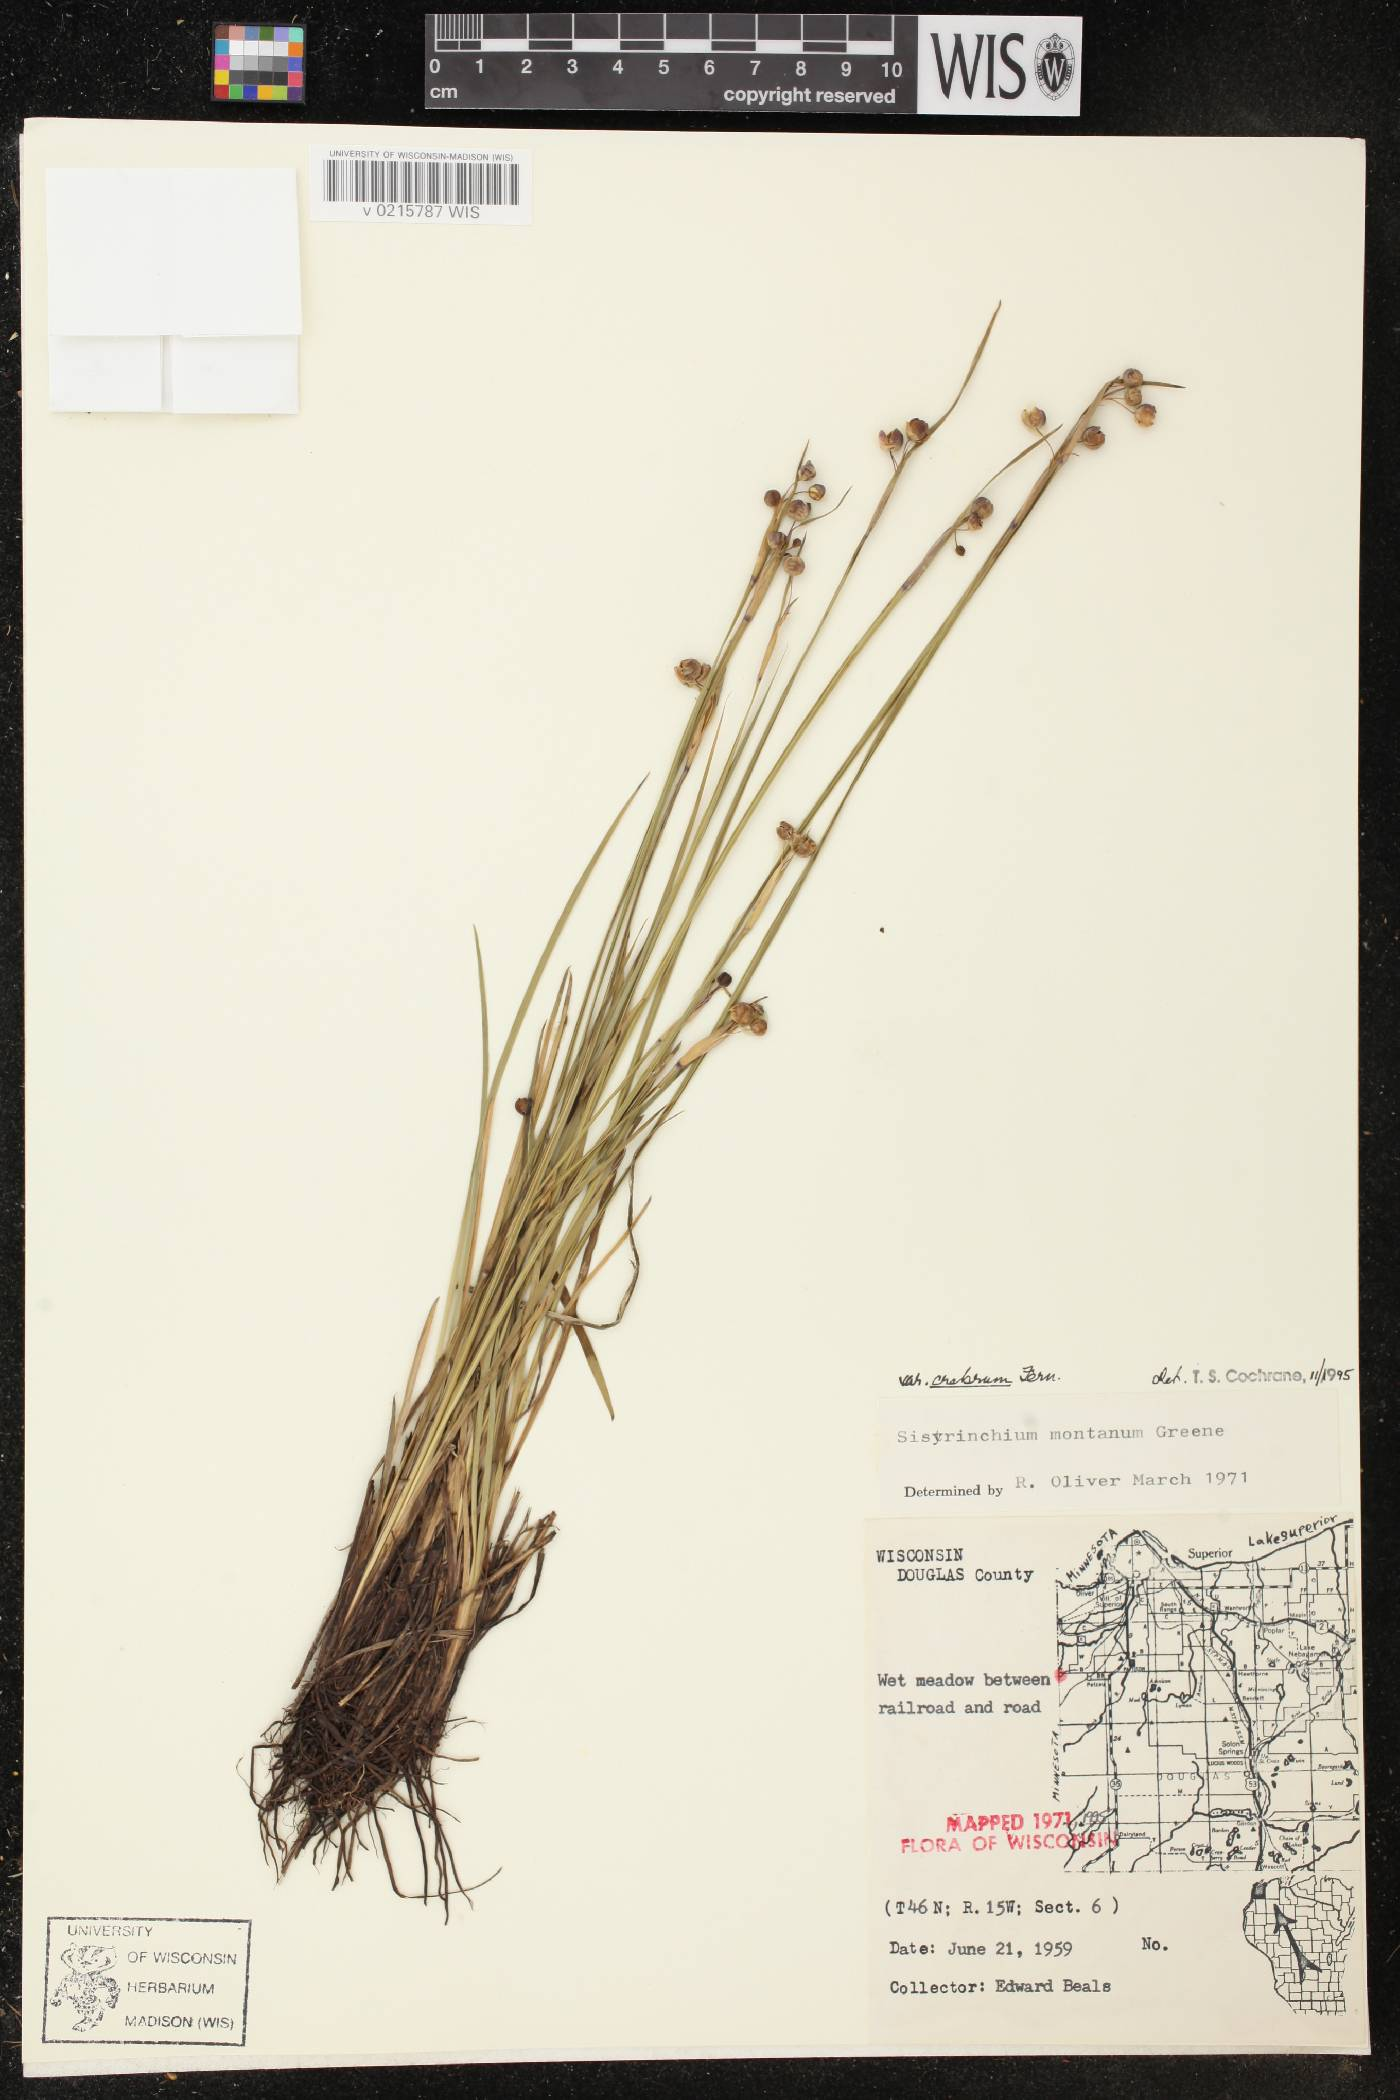 Sisyrinchium montanum var. crebrum image